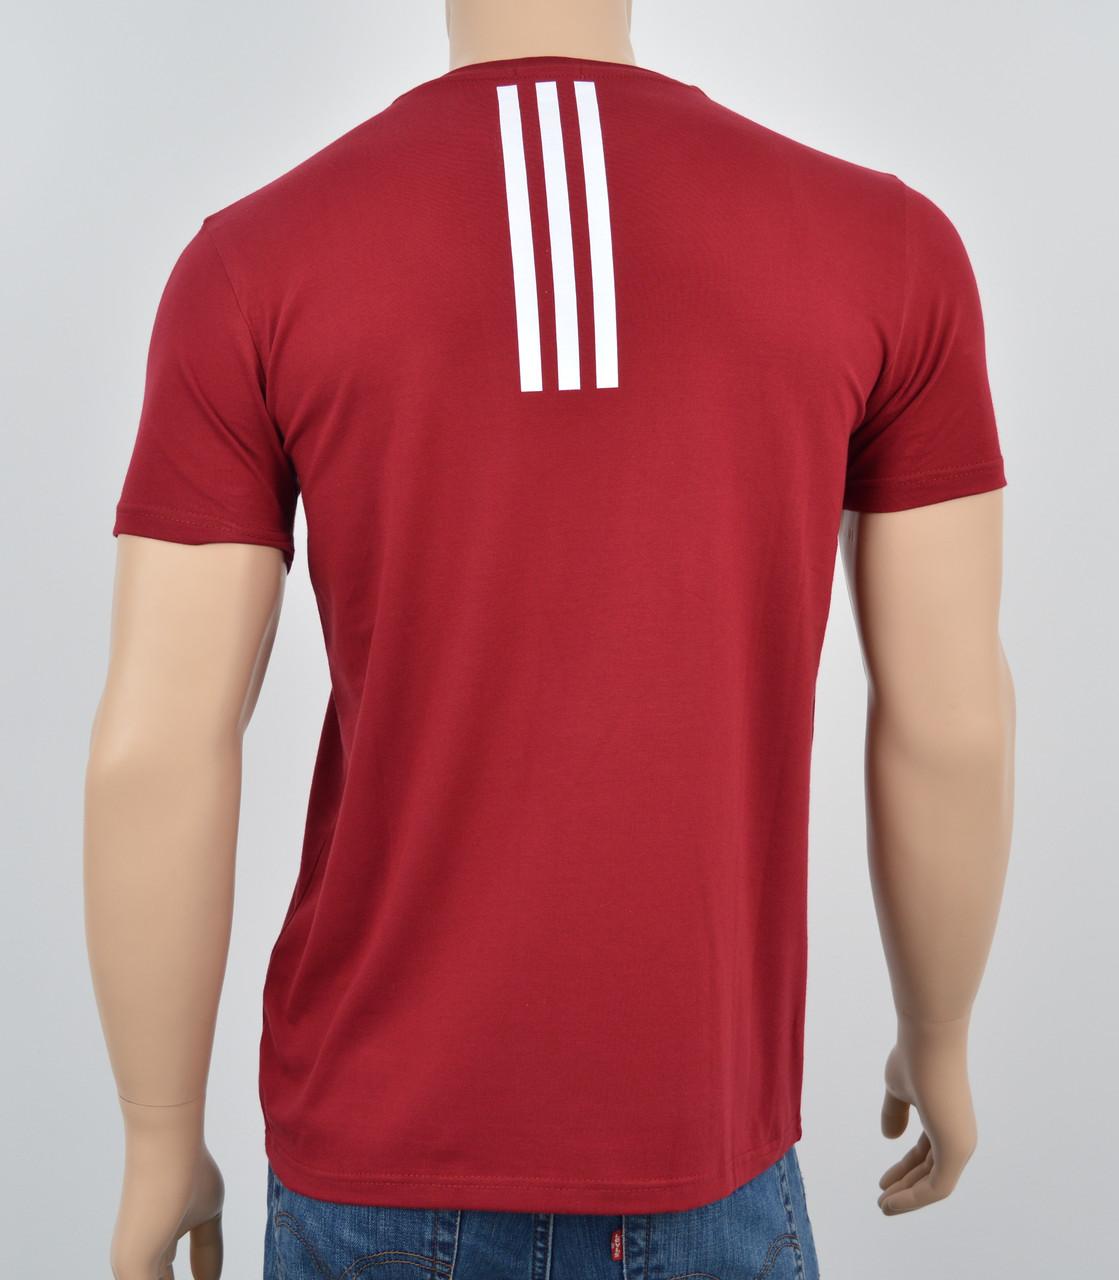 """Мужская футболка """"Премиум"""" Adidas(реплика) Спинка Бордо"""